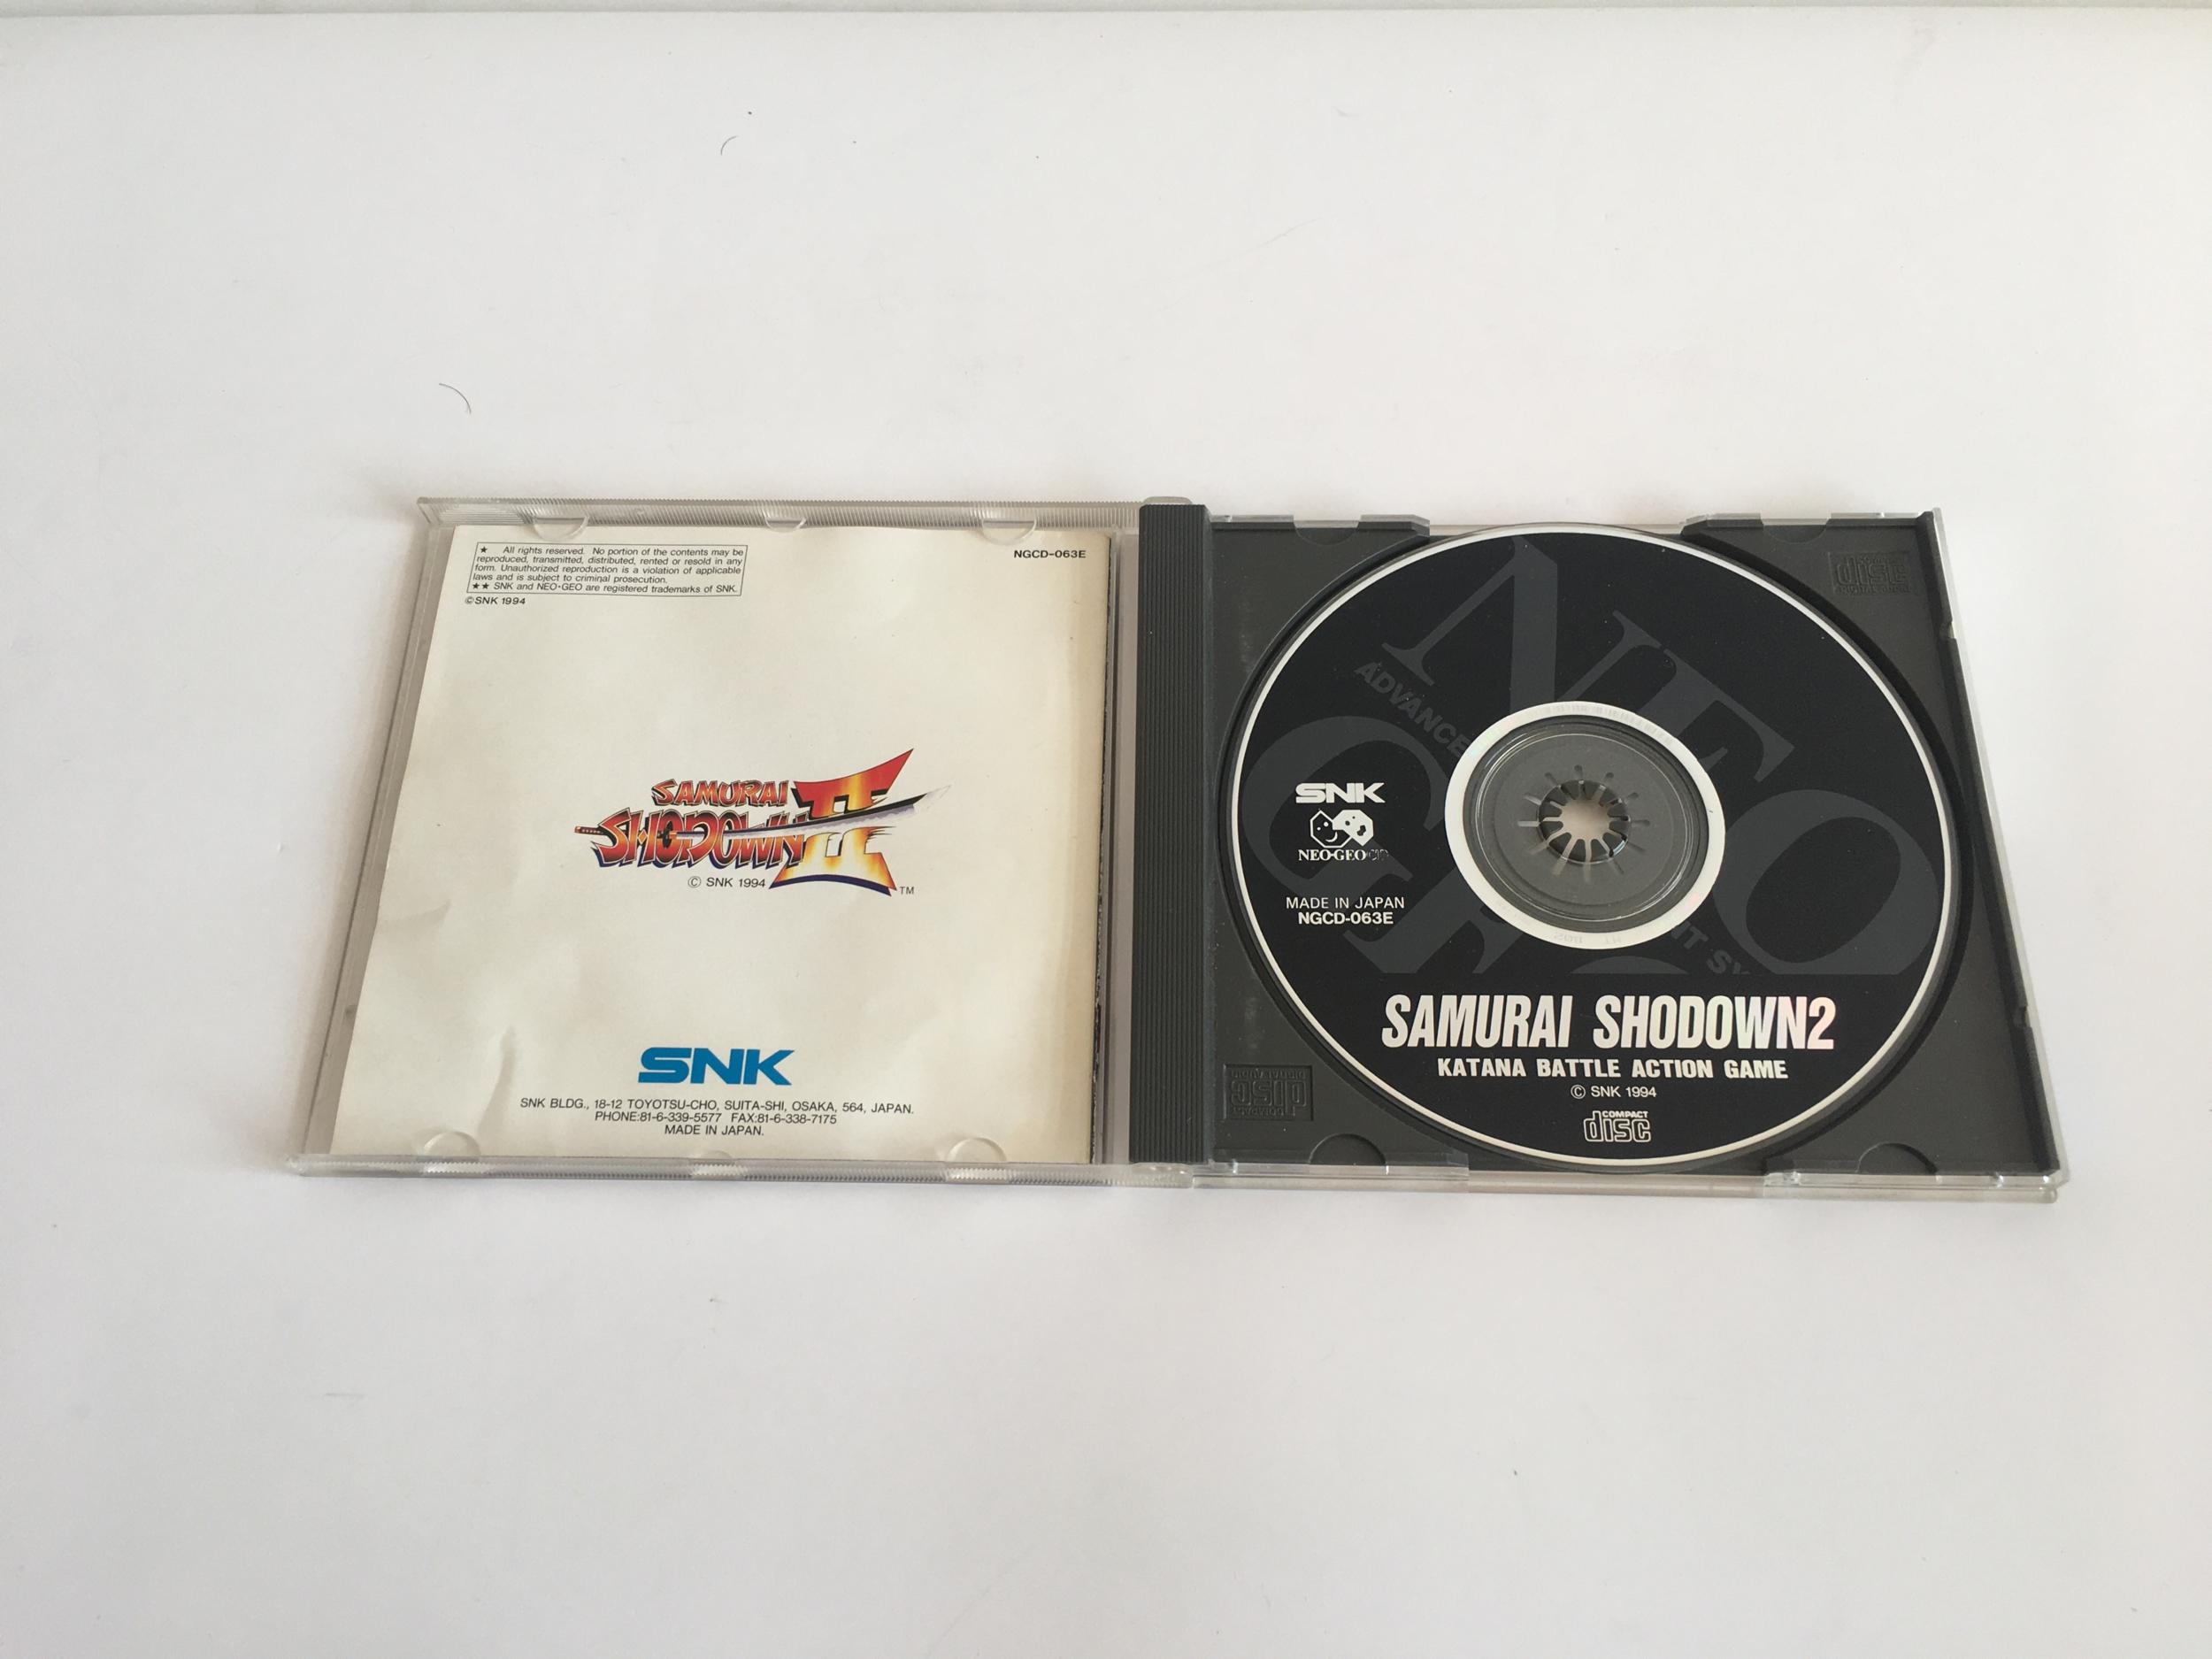 Samurai Shodown 2 Neo Geo CD